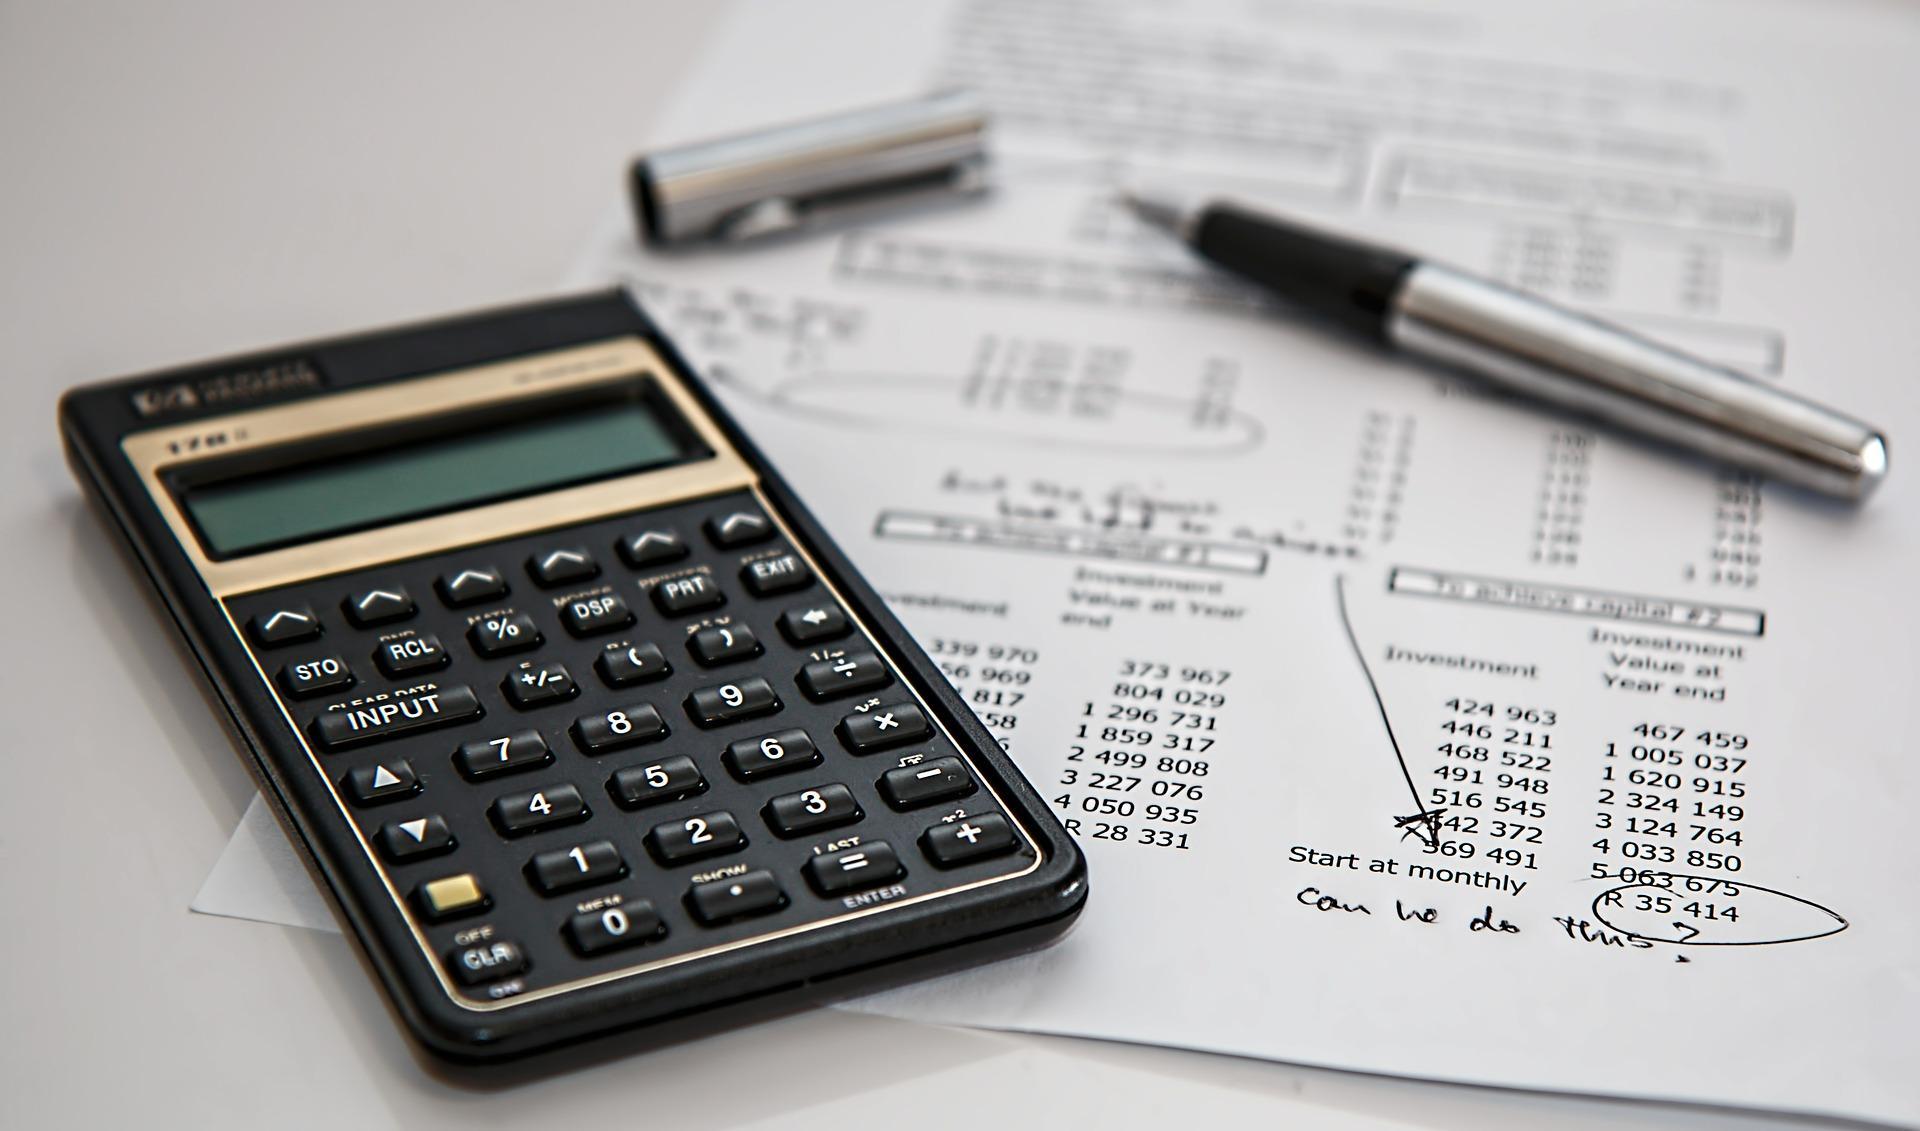 Klage gegen einen Verlustfeststellungsbescheid - und die Insolvenzeröffnung